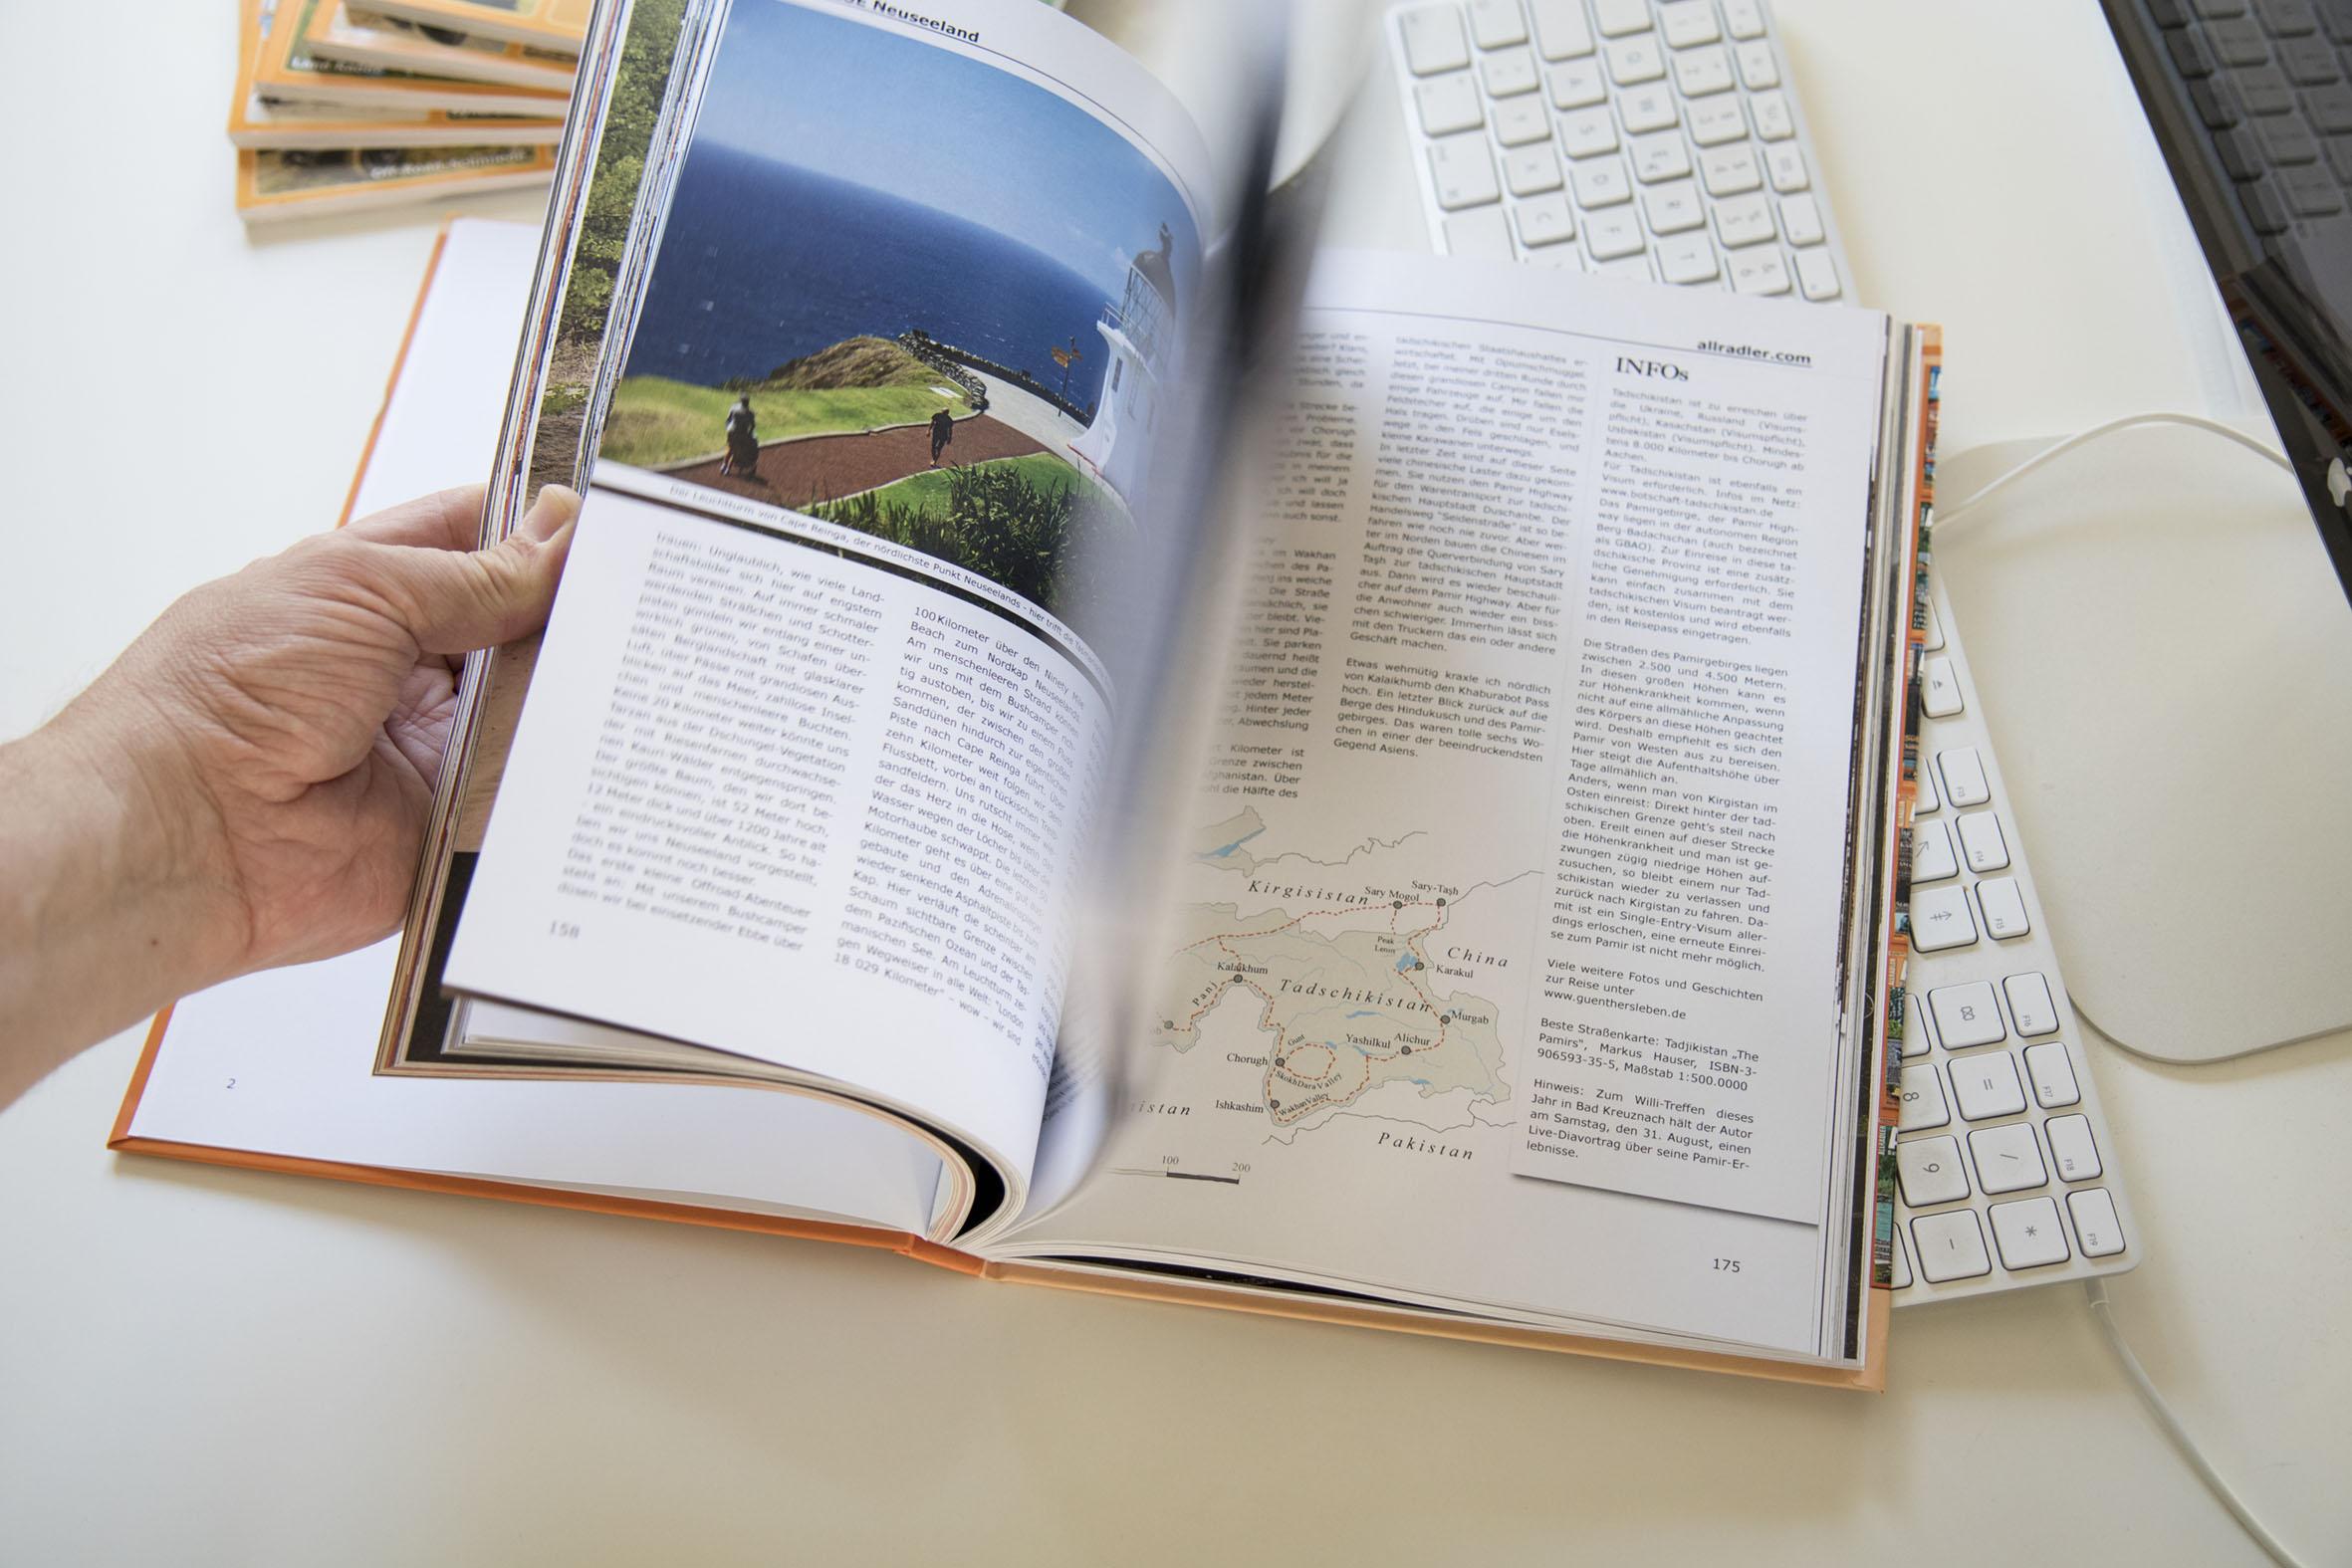 Das Abenteuer Offroad Buch - 10 Jahre Allradler